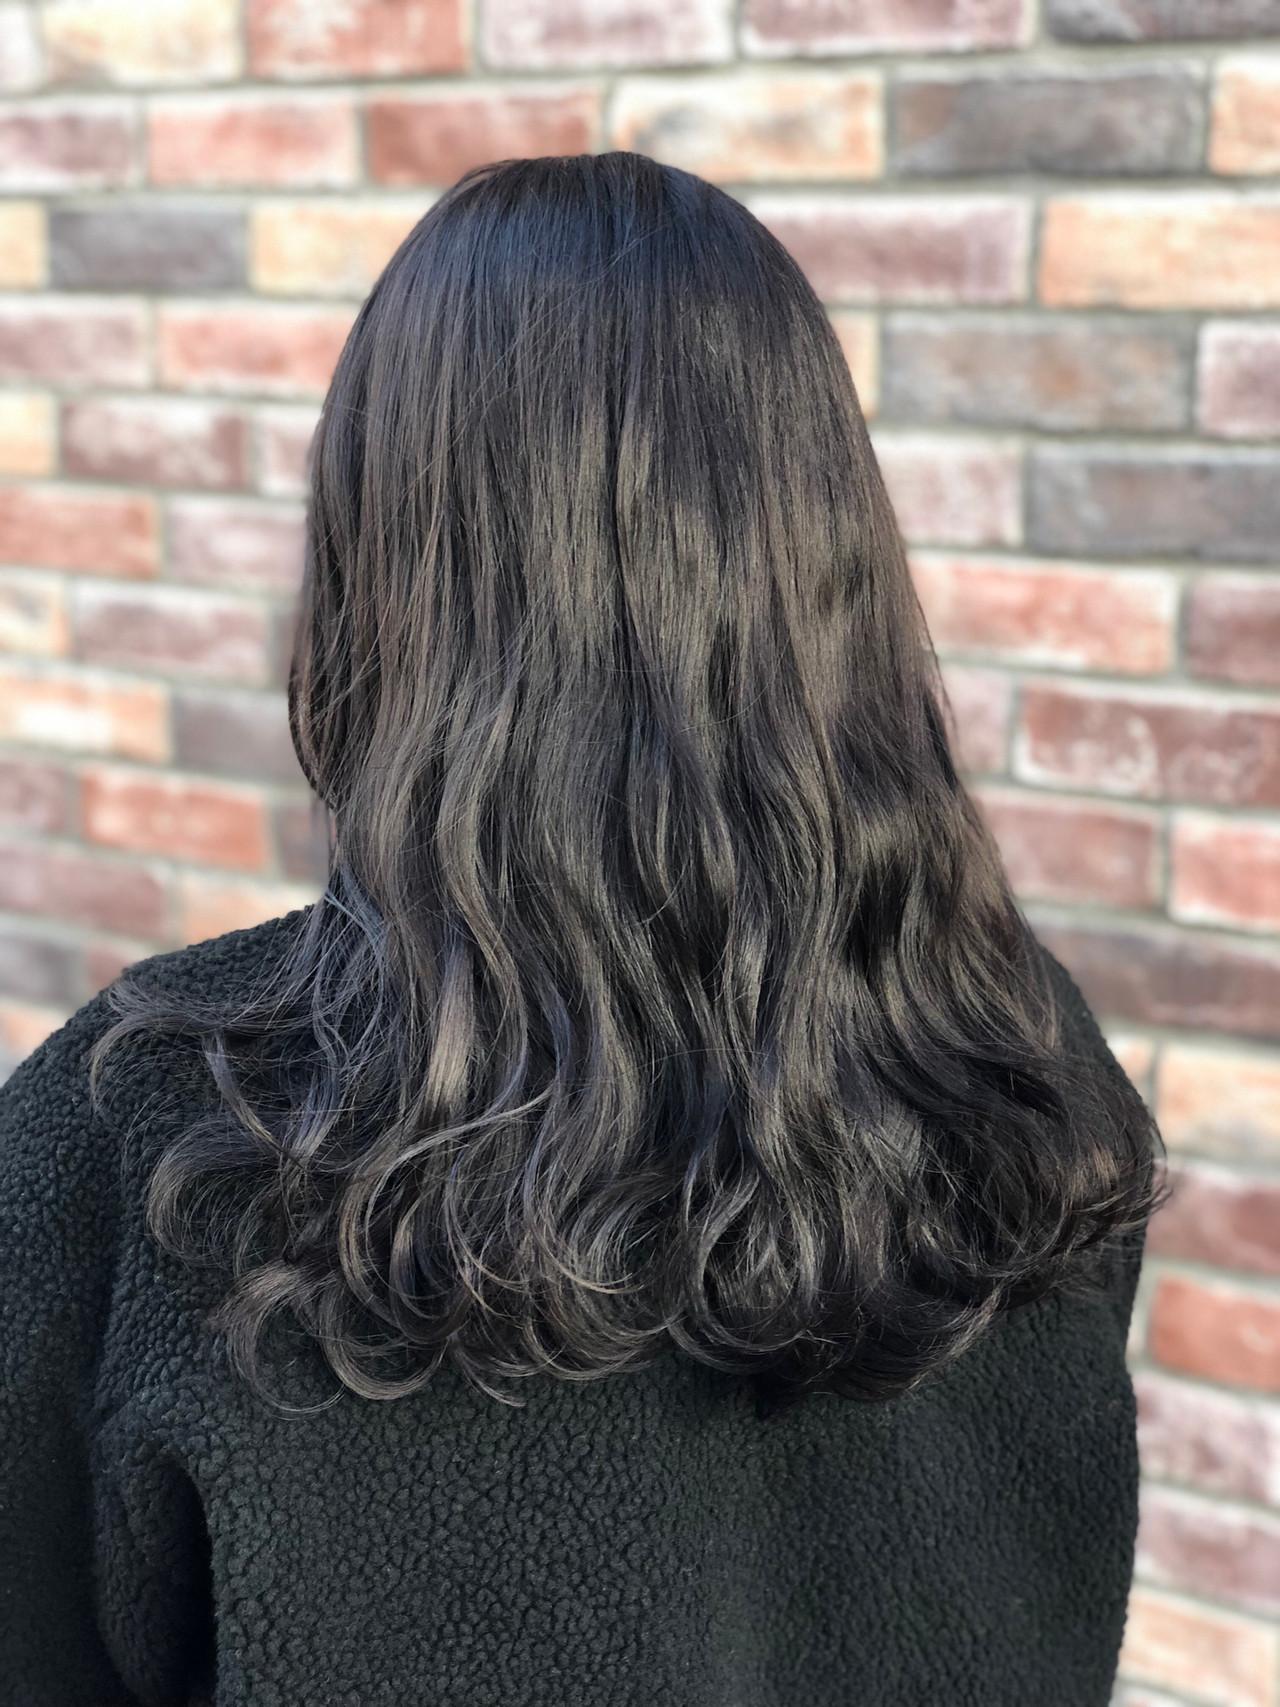 ナチュラル 冬カラー ダークグレー 暗髪 ヘアスタイルや髪型の写真・画像